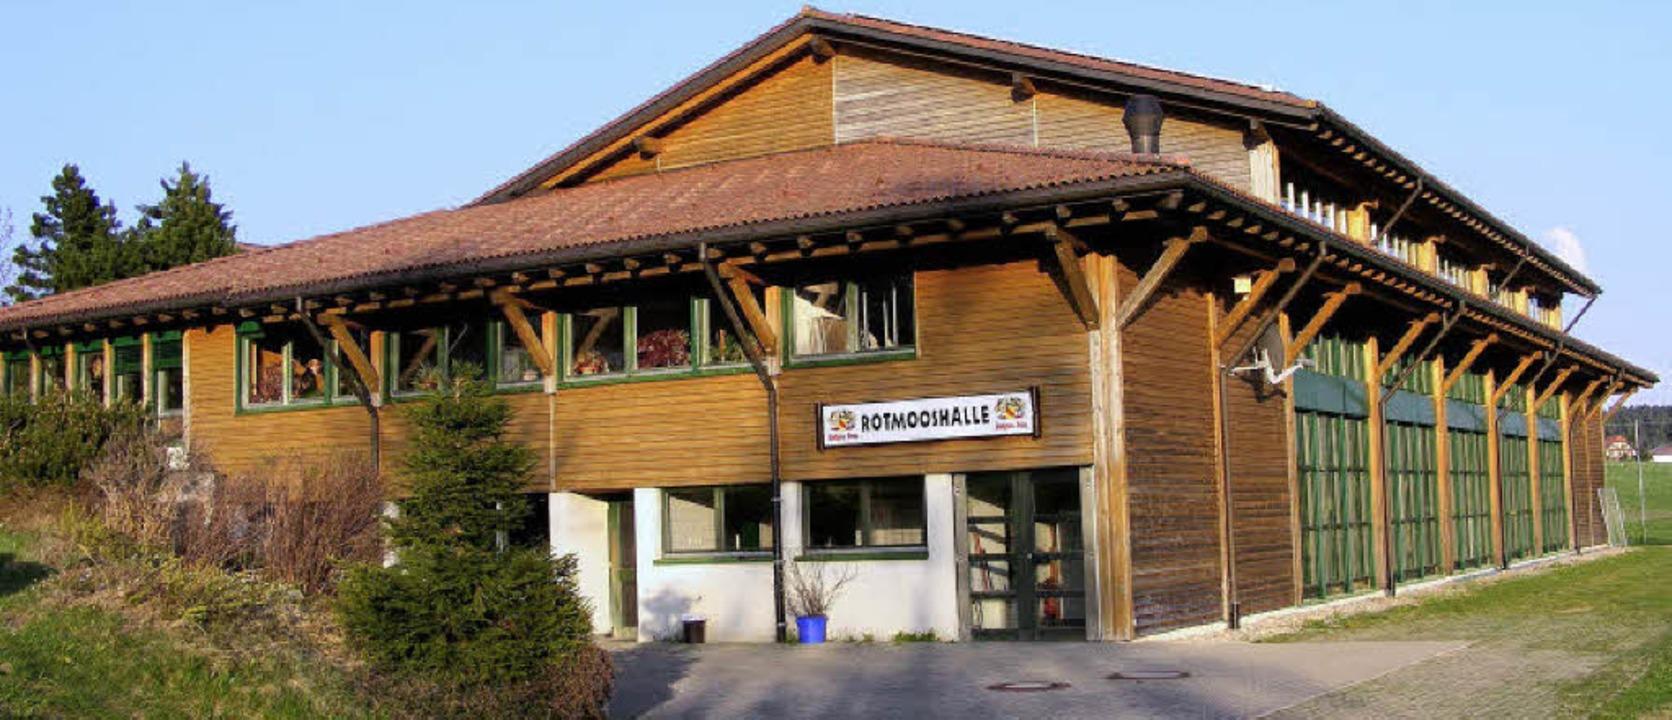 Sie kann auch in Zukunft von Privatpersonen gemietet werden: die Rotmooshalle.     Foto: Wolfgang Adam